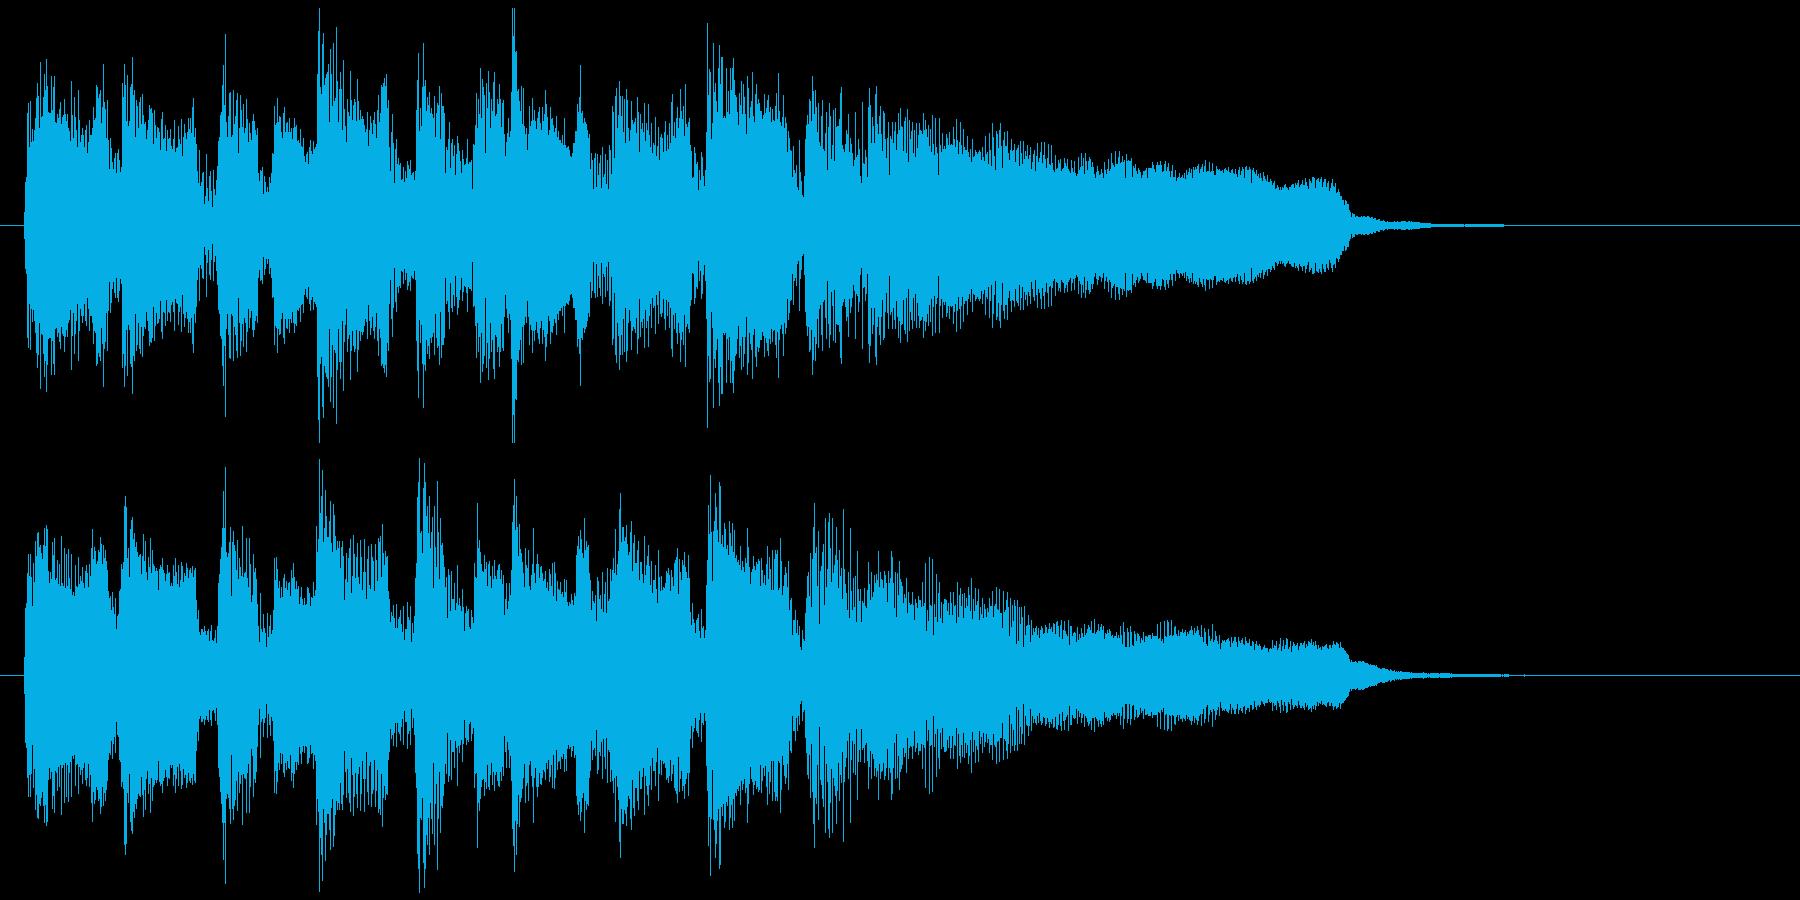 嬉しい、爽やかなリコーダーのサウンドロゴの再生済みの波形